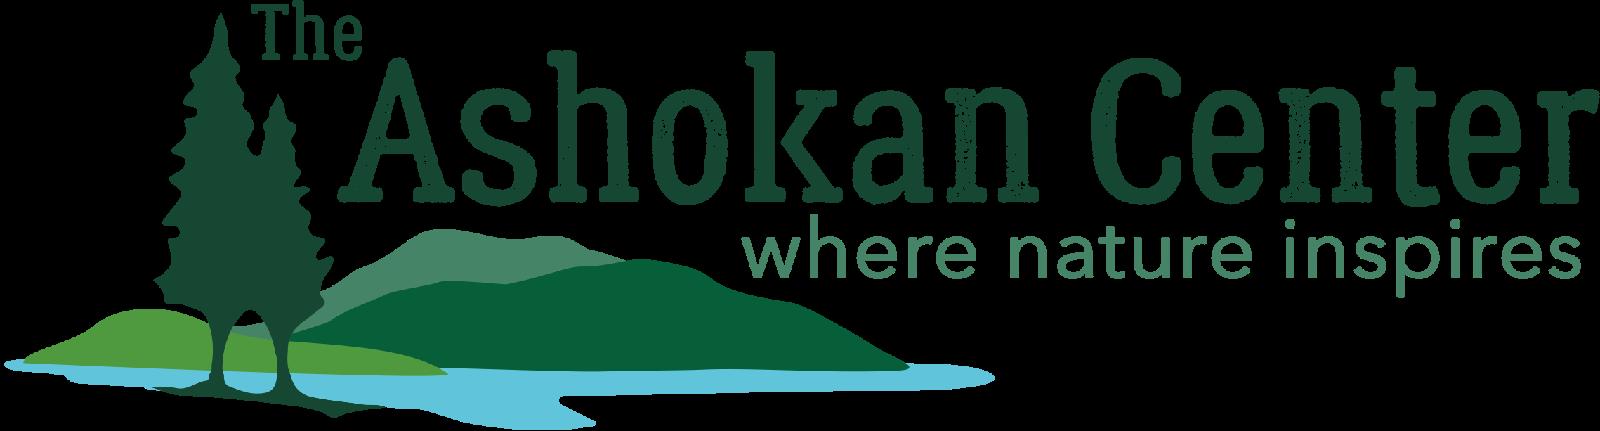 Ashokan Center Logo